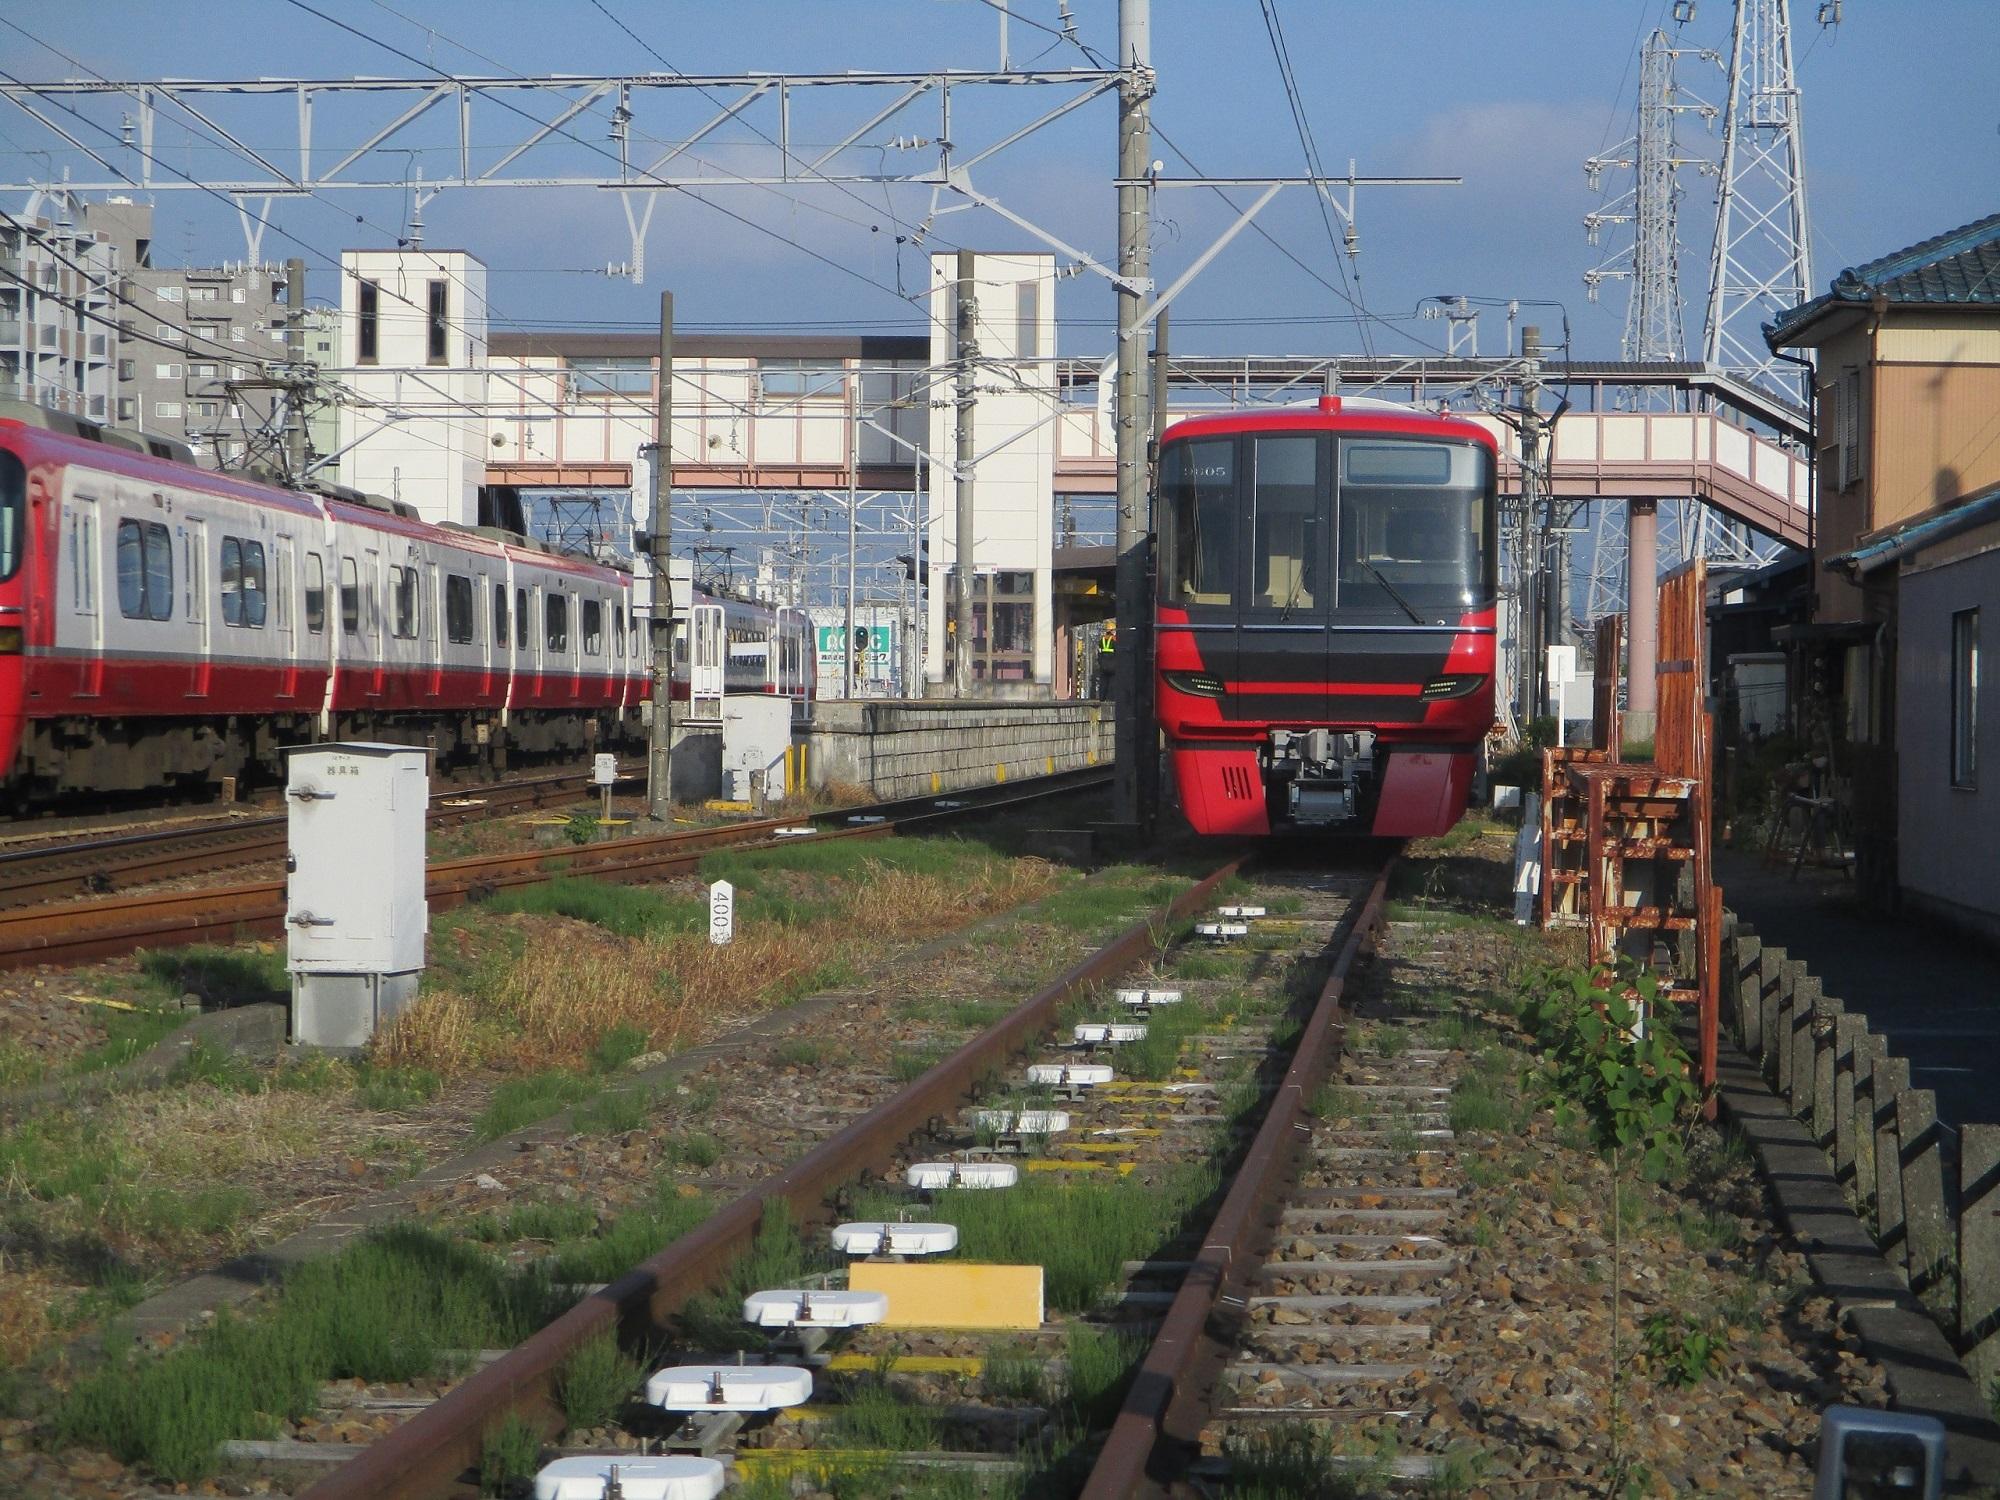 2020.5.4 (3) 矢作橋 - 9505編成 2000-1500